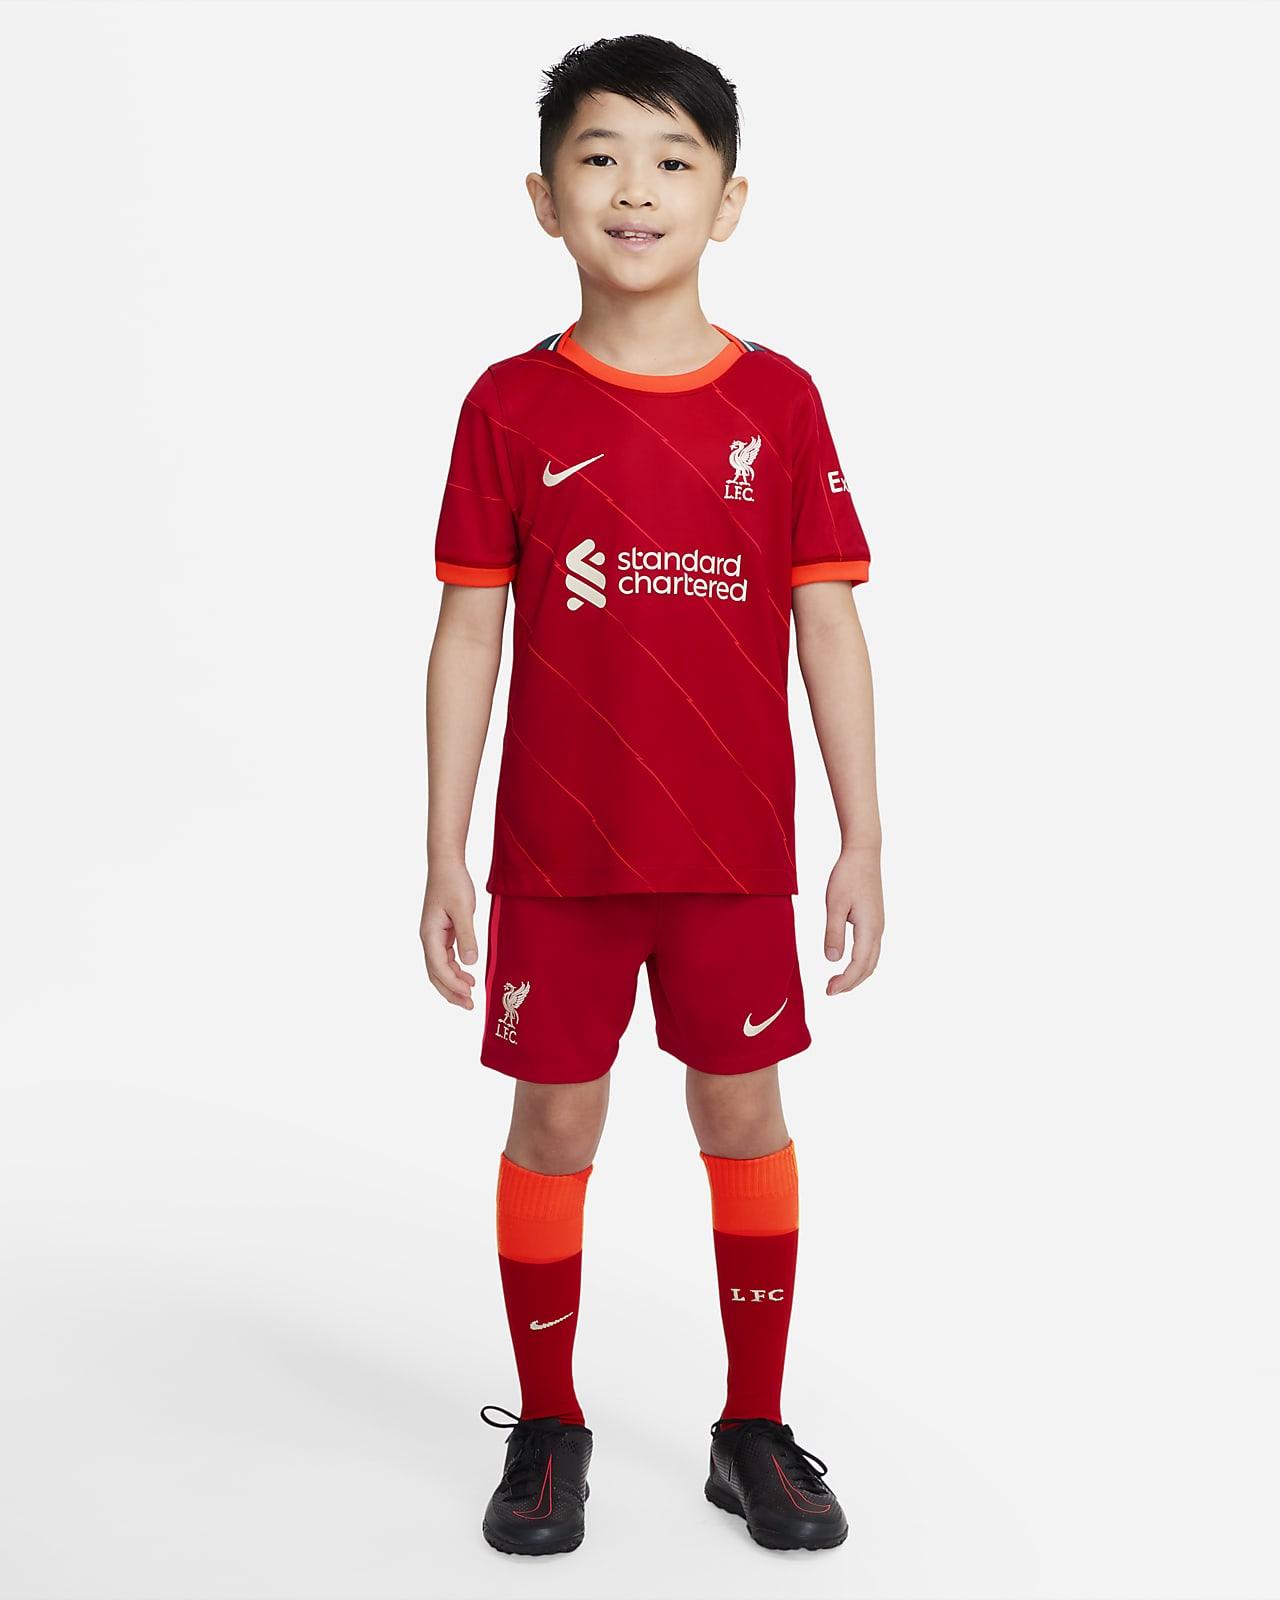 Футбольный комплект для дошкольников из домашней формы ФК «Ливерпуль» 2021/22